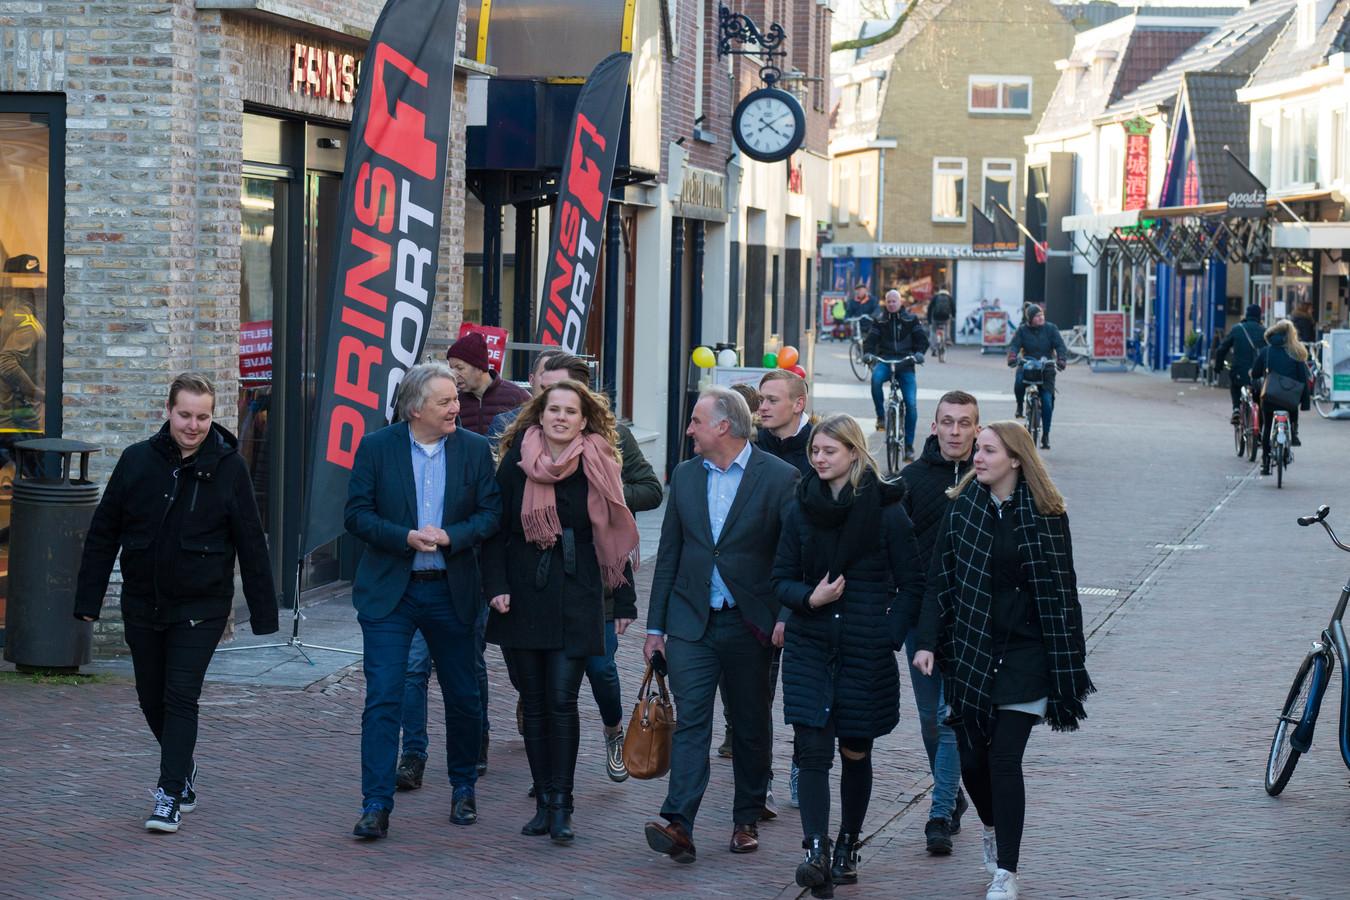 Alfa-studenten wandelen met centrummanager Eduard Plate (links) en lector Alexander Grit door het winkelcentrum.